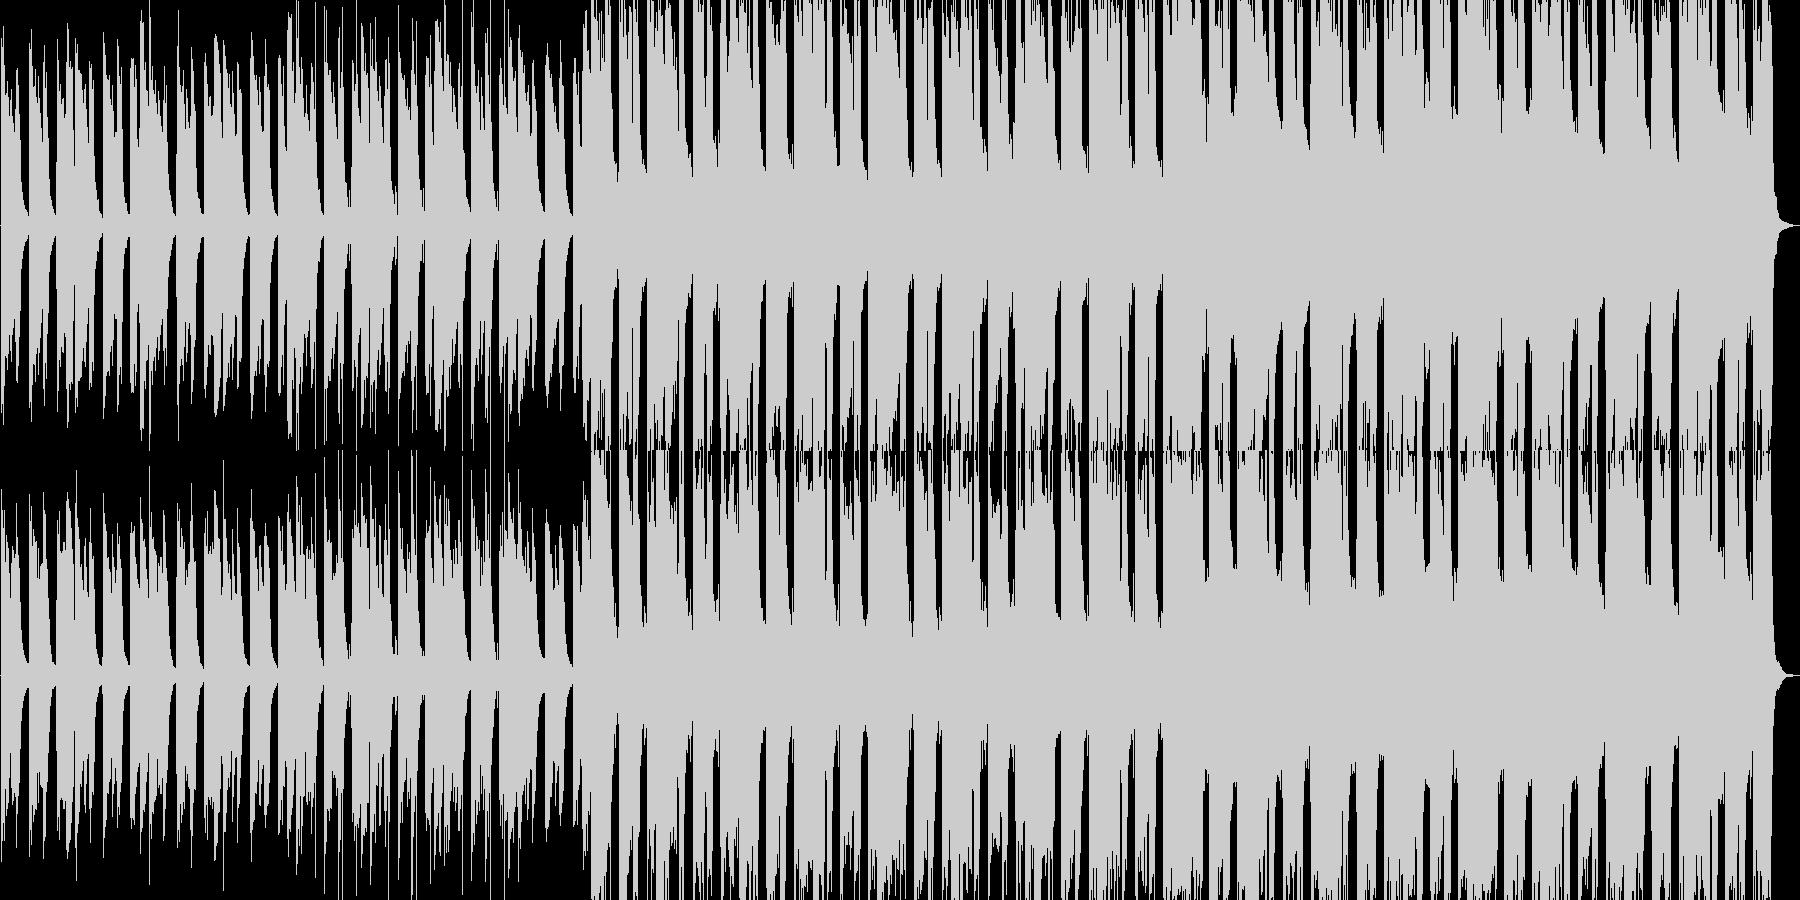 静かで力強いピアノが中心のバンドサウンドの未再生の波形